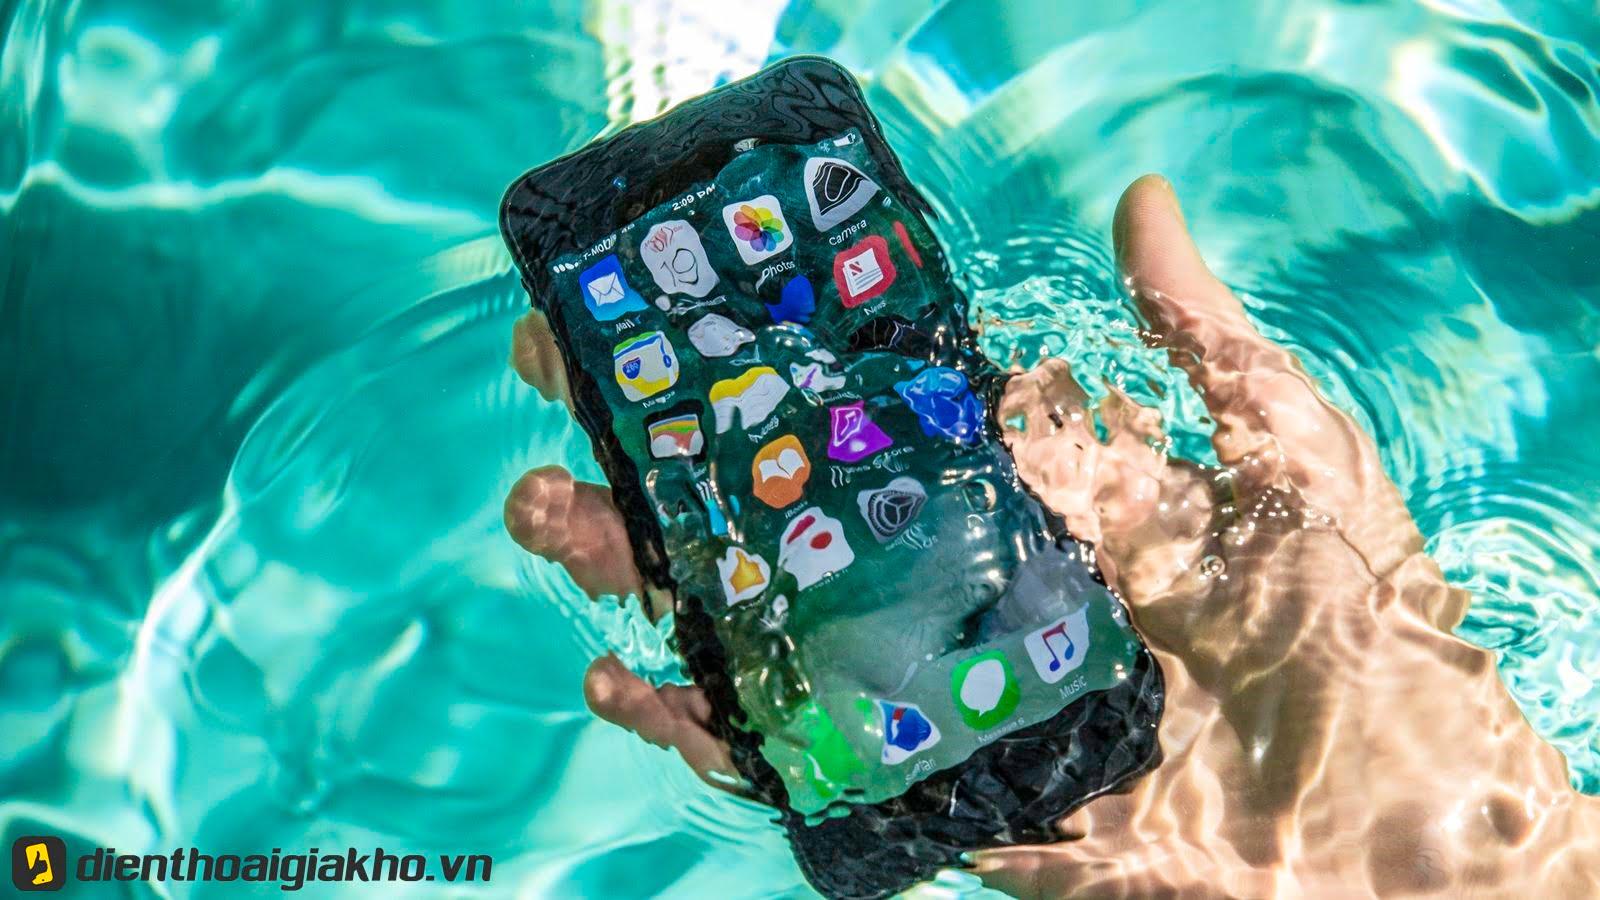 iPhone 8 Plus có chống nước không